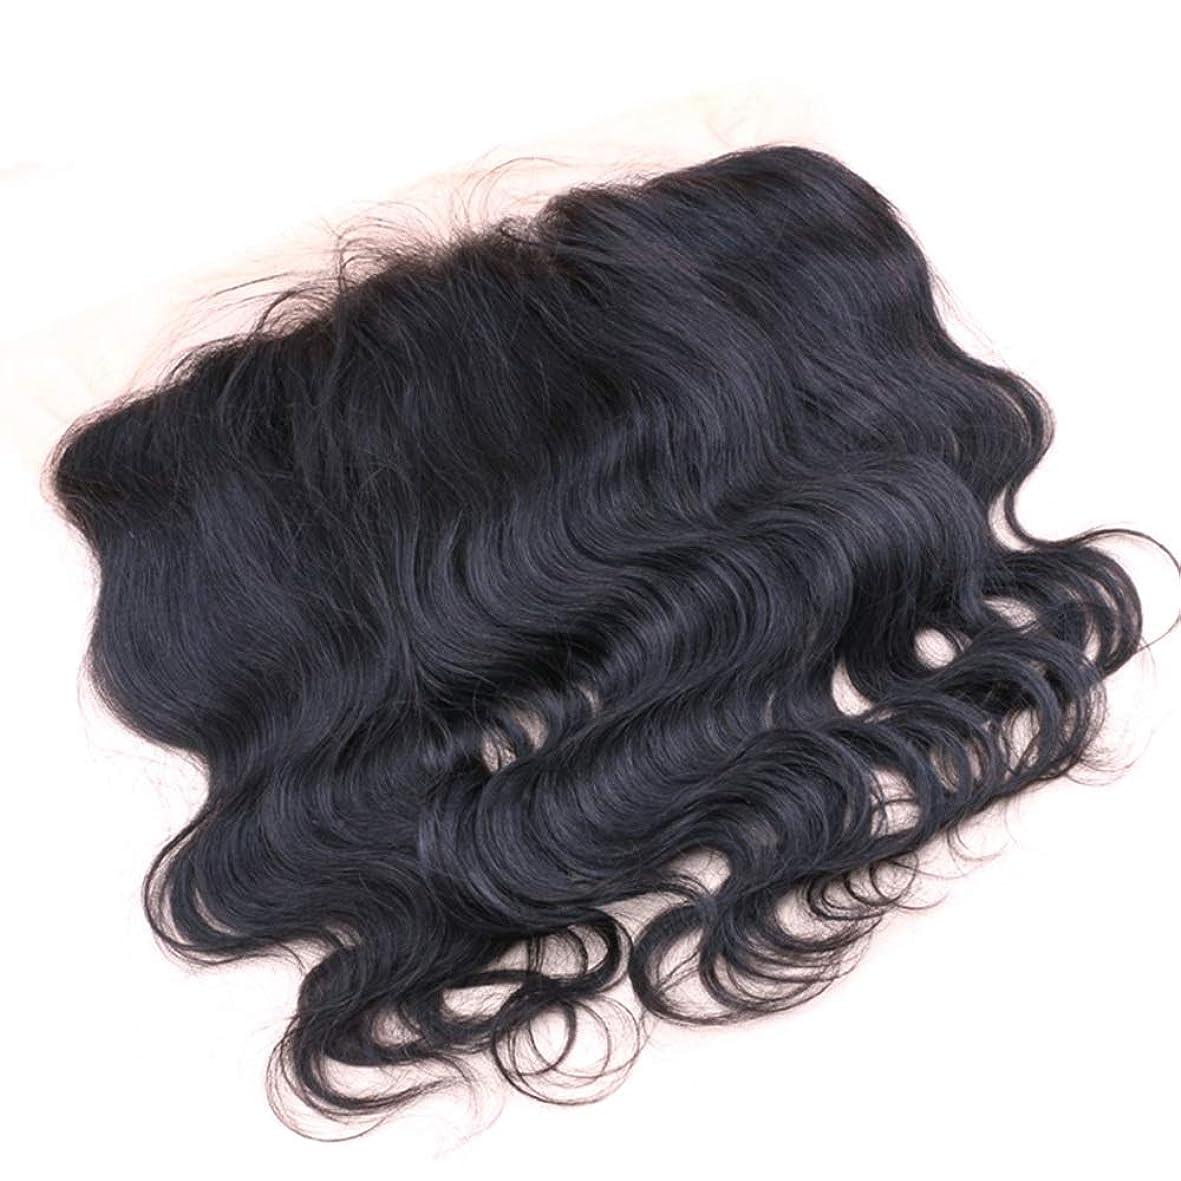 がっかりするポーター直径Yrattary 13×6インチレース前頭閉鎖自然な波人間の髪の毛のレース前頭耳から耳への毛延長合成髪レースかつらロールプレイングかつら長くて短い女性自然 (色 : 黒, サイズ : 12 inch)